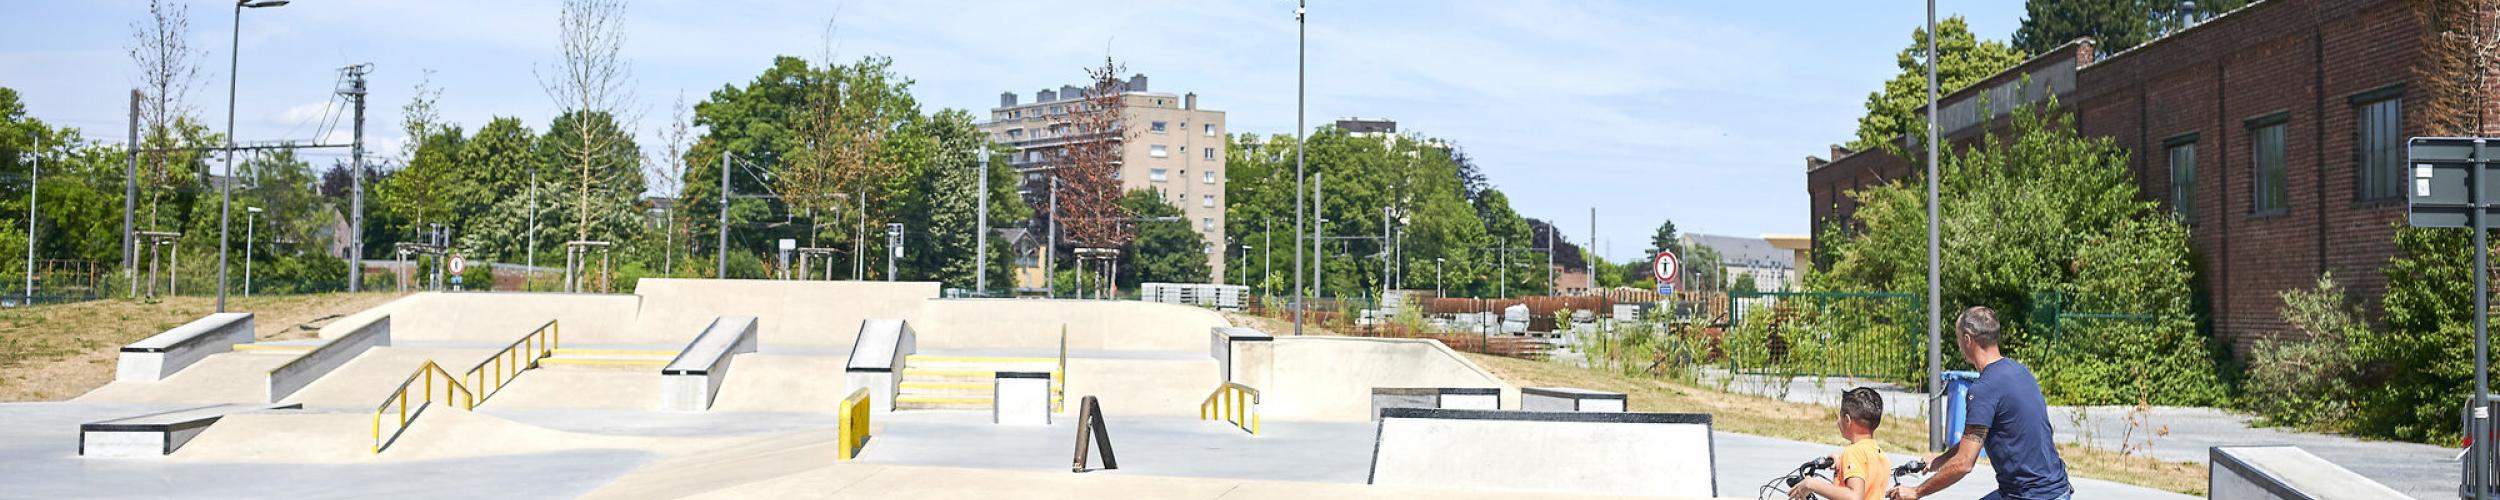 TRAX Skatepark